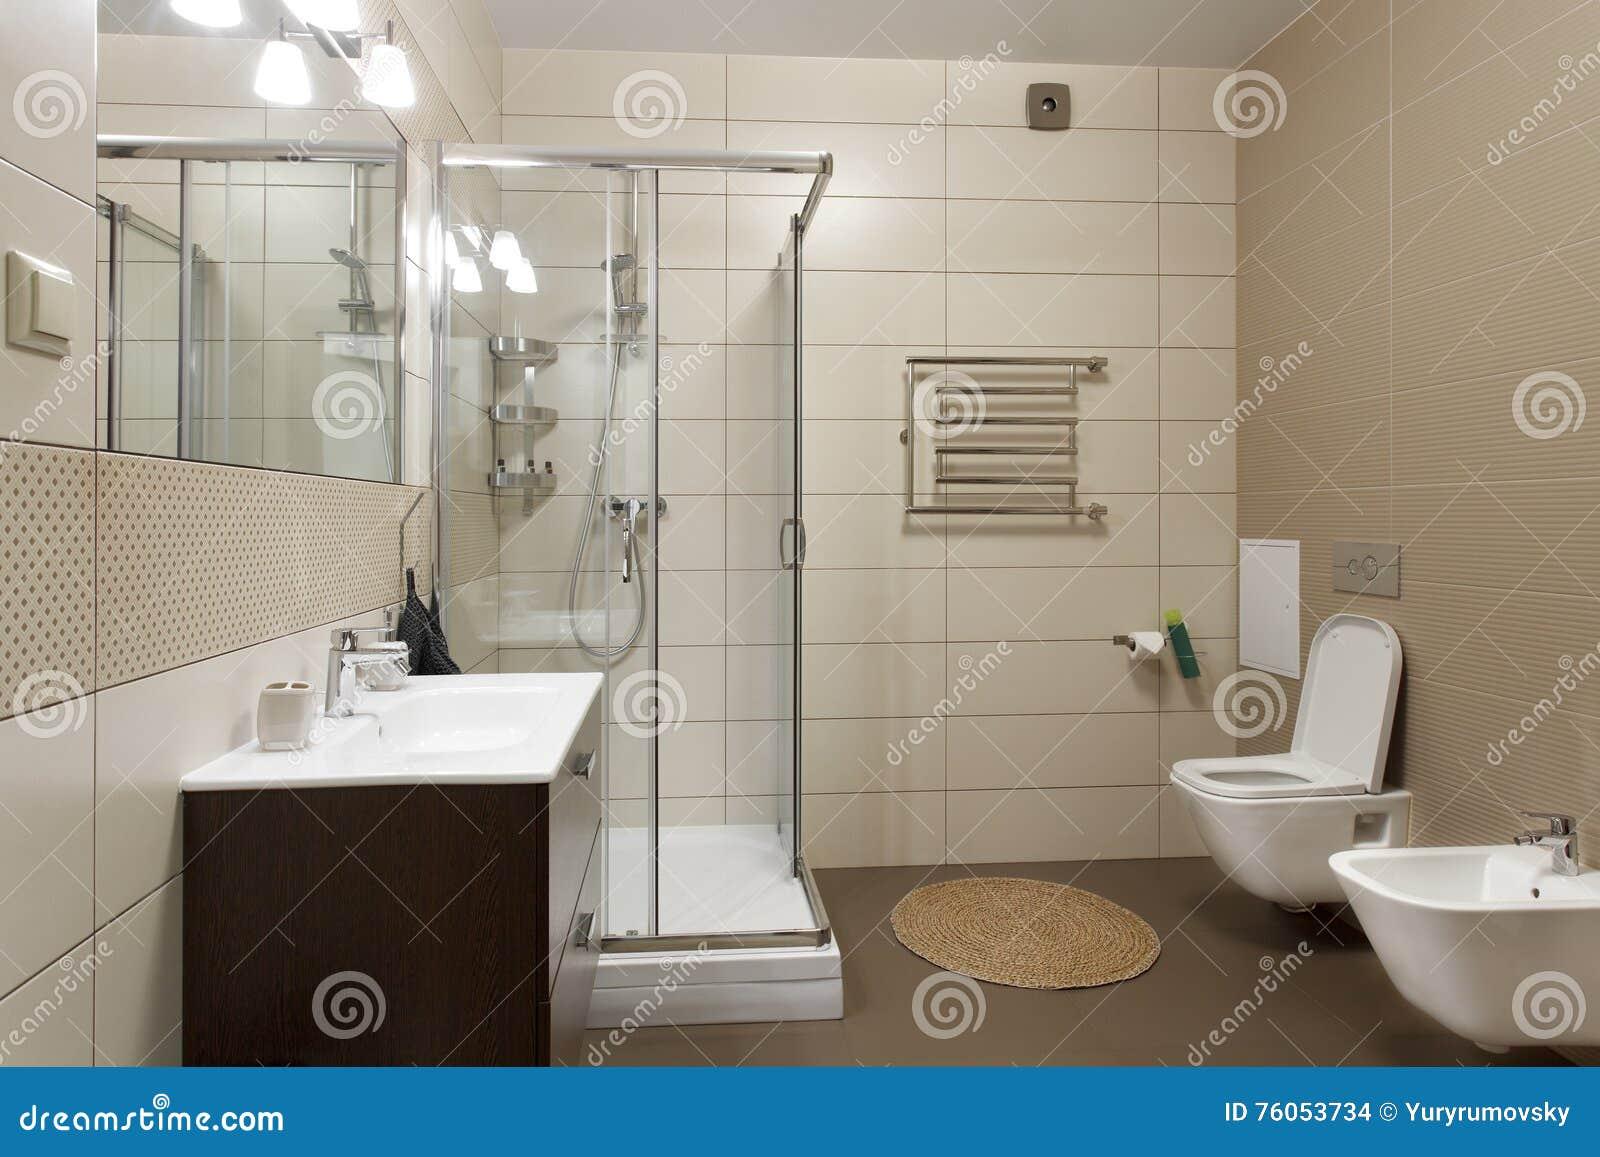 Ordinaire Geräumiges Badezimmer Mit Toilette, Bidet Und Dusche In Den Braunen Tönen